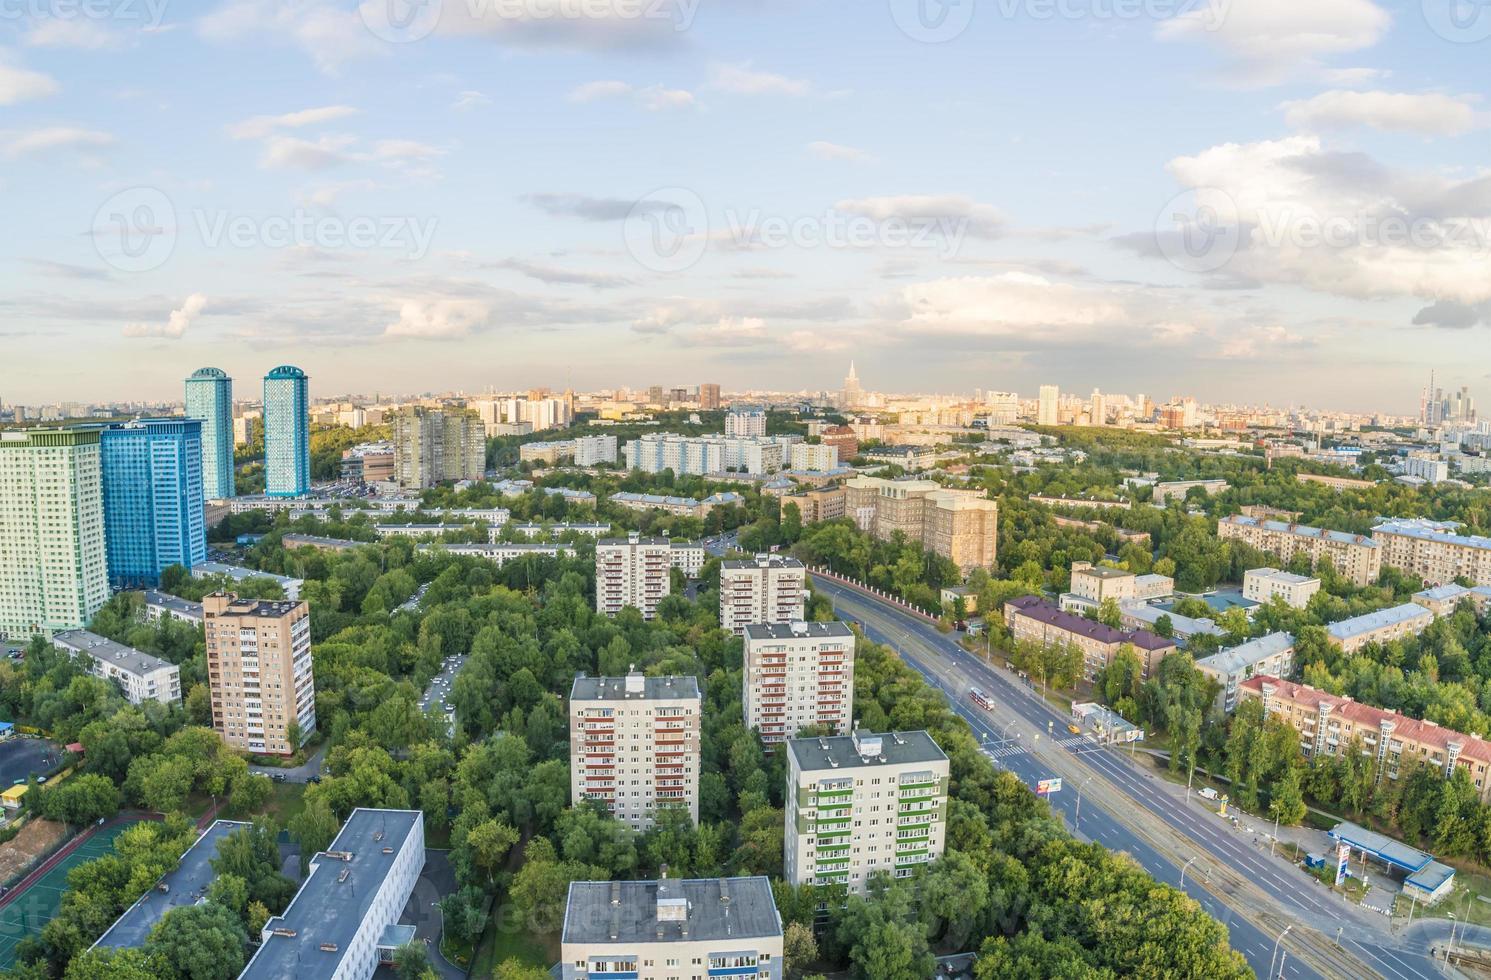 moderne residentiële hoogbouw districten van Moskou bovenaanzicht foto